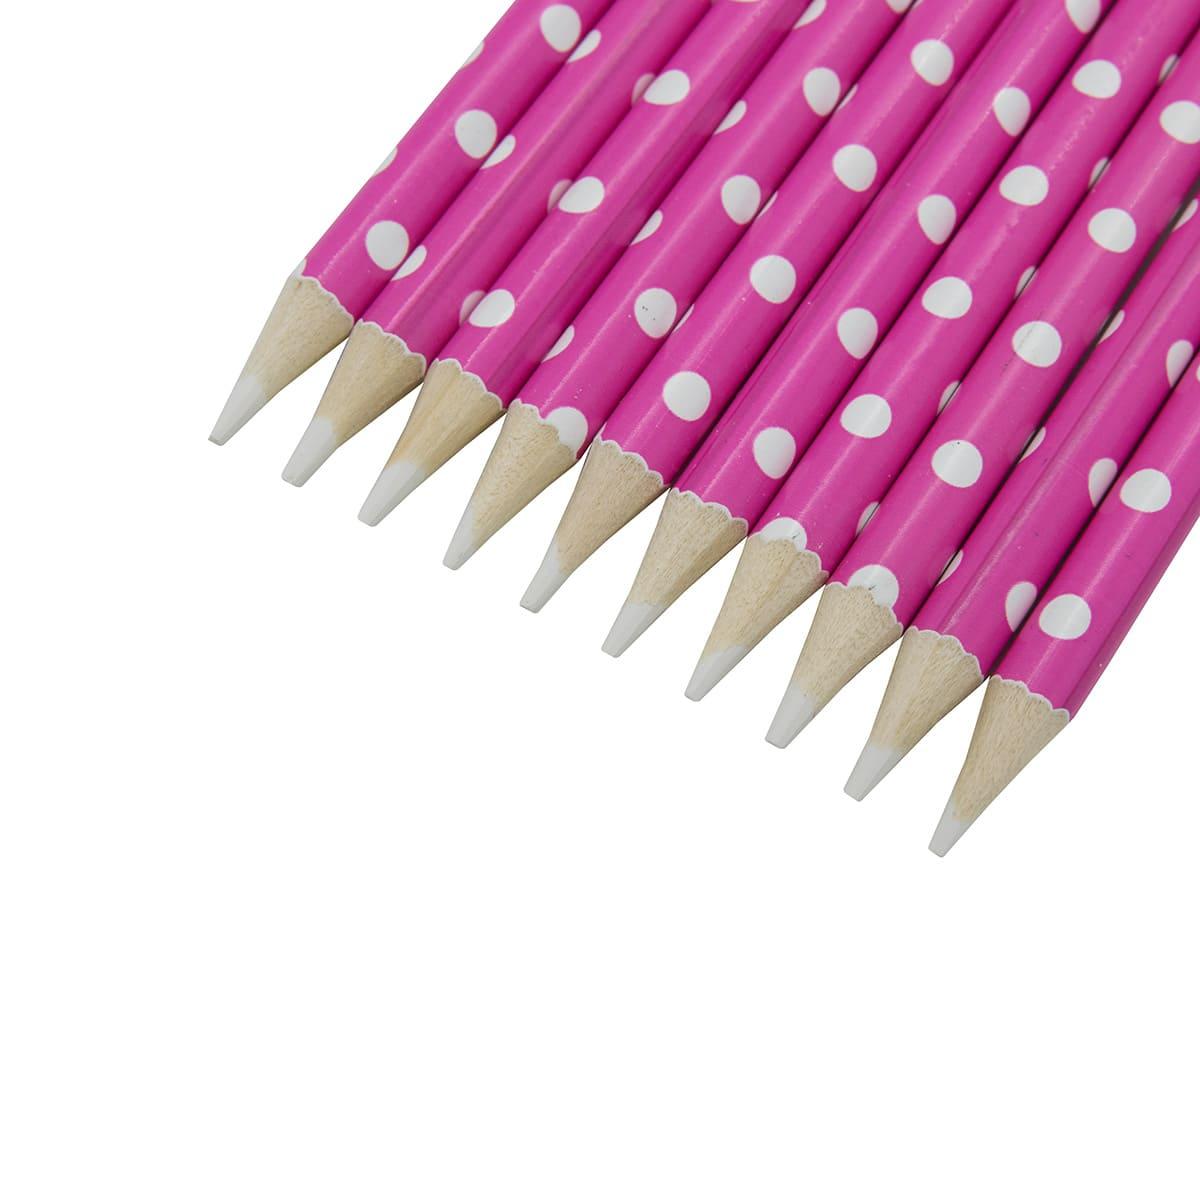 610851 Маркировочный карандаш Prym Love, цв. ярко-роз., в боксе Prym